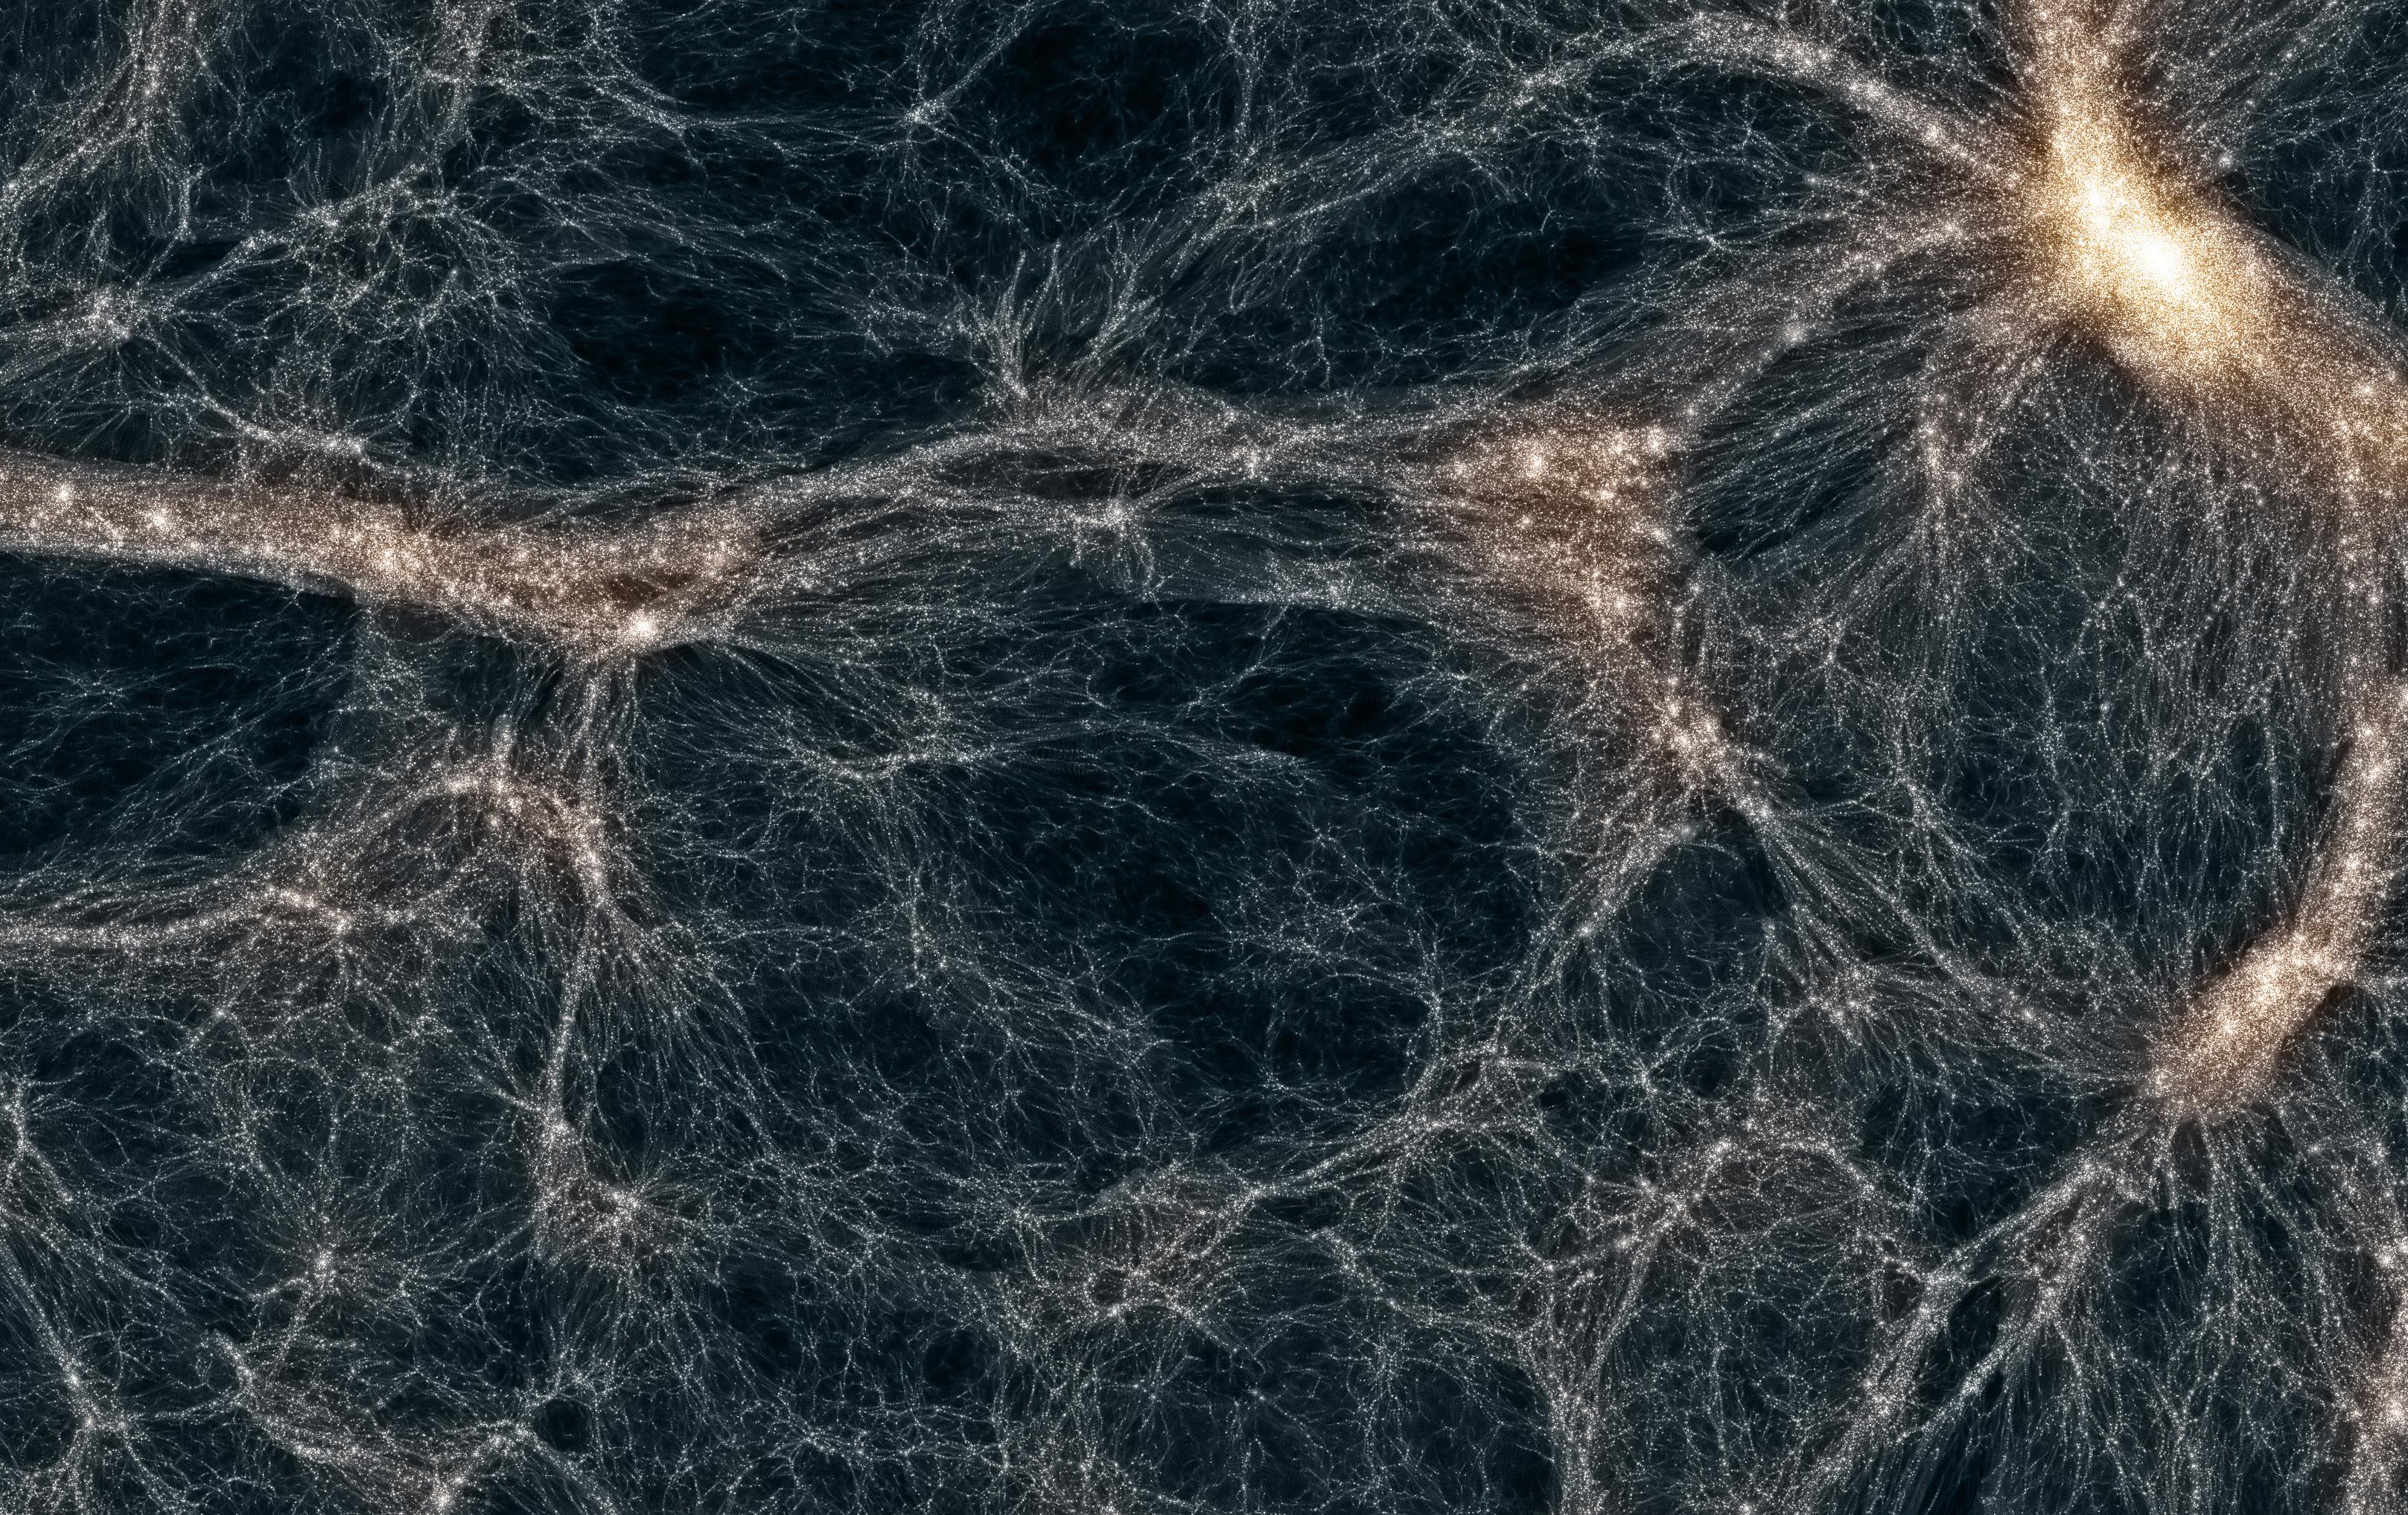 Bagliori di WIMPs nel cielo di Fermi